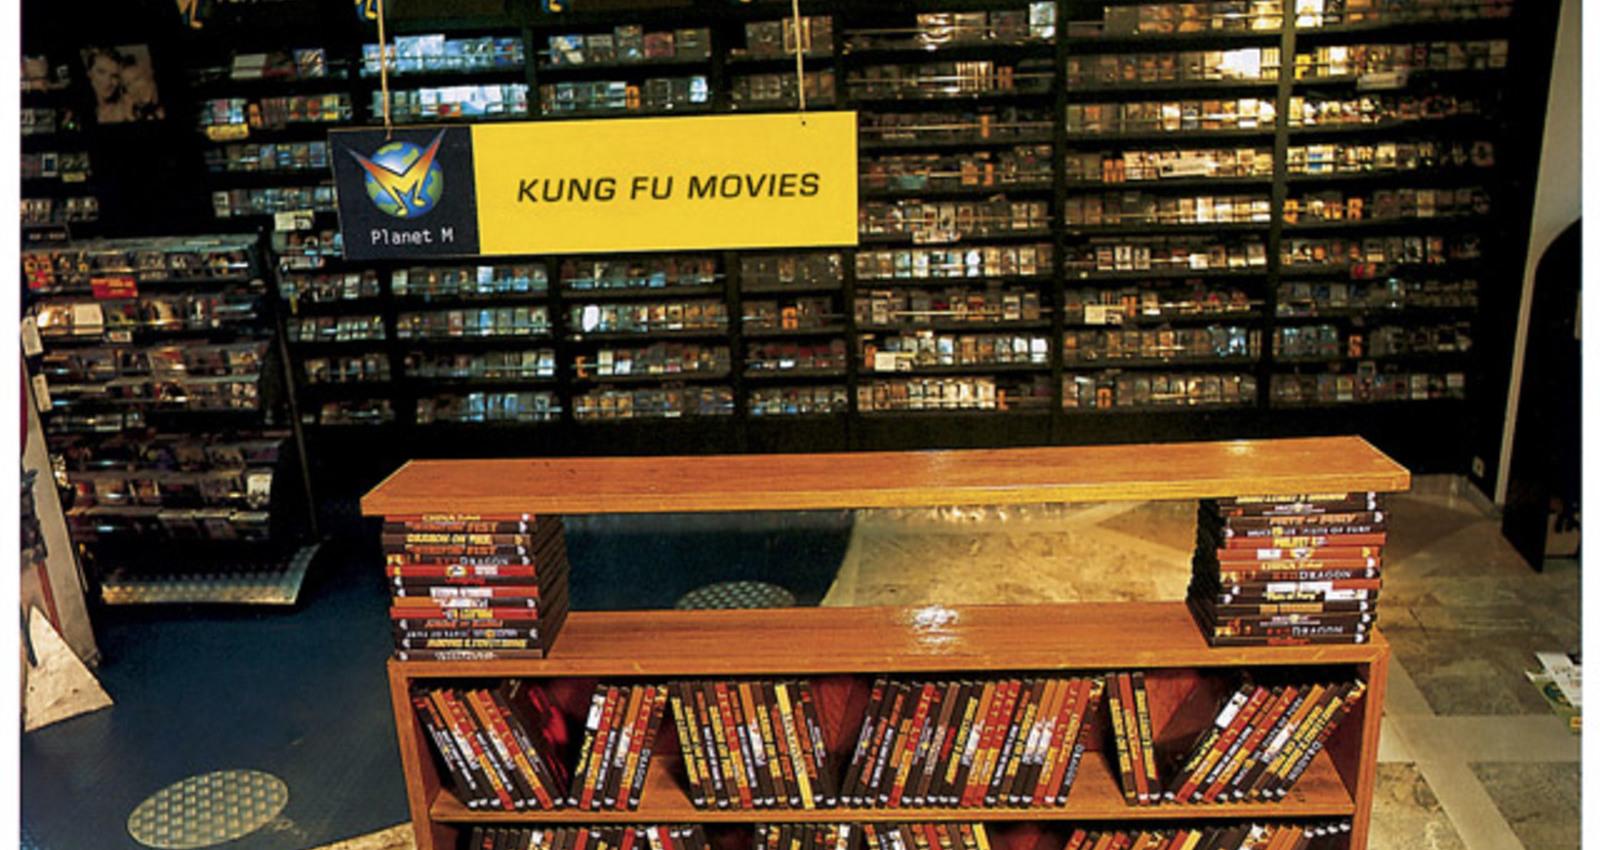 adventure, kung fu, murder, musicals